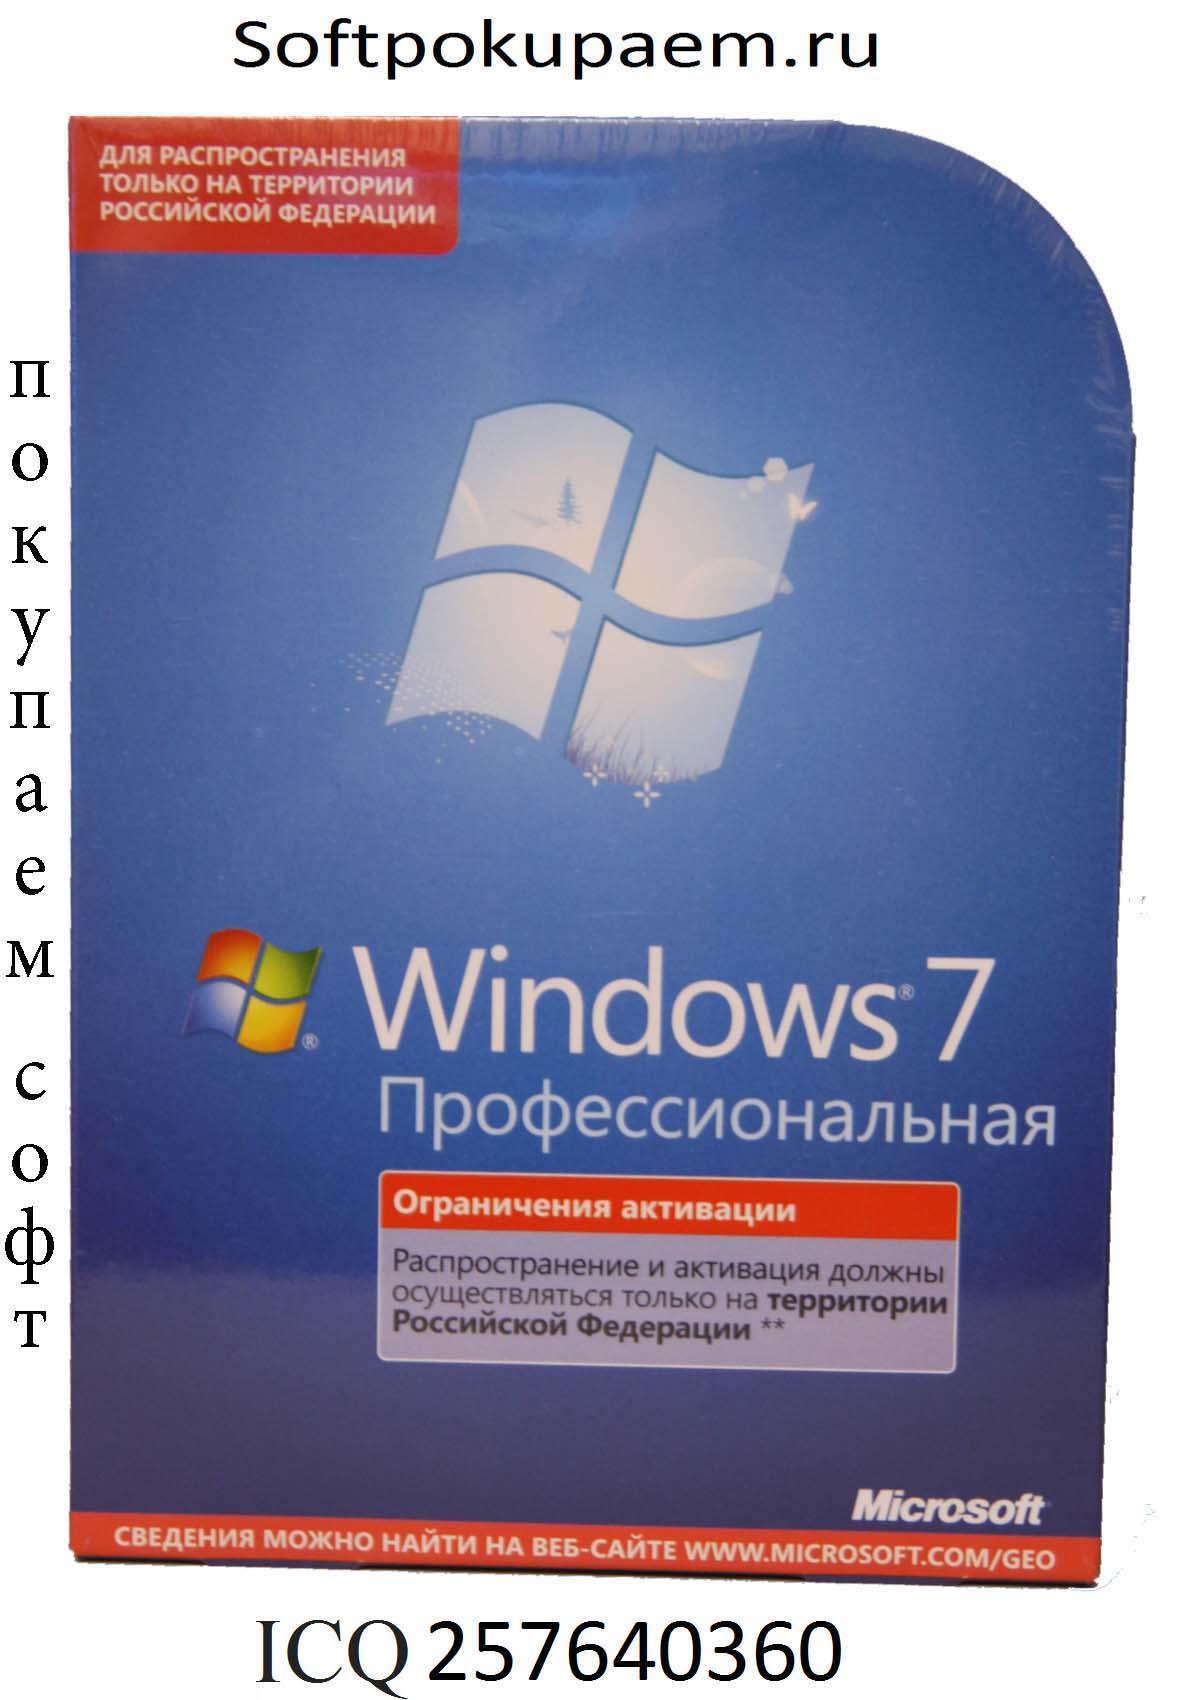 Microsoft (Майкрософт) купим оперативно и дорого лицензионное п.о.